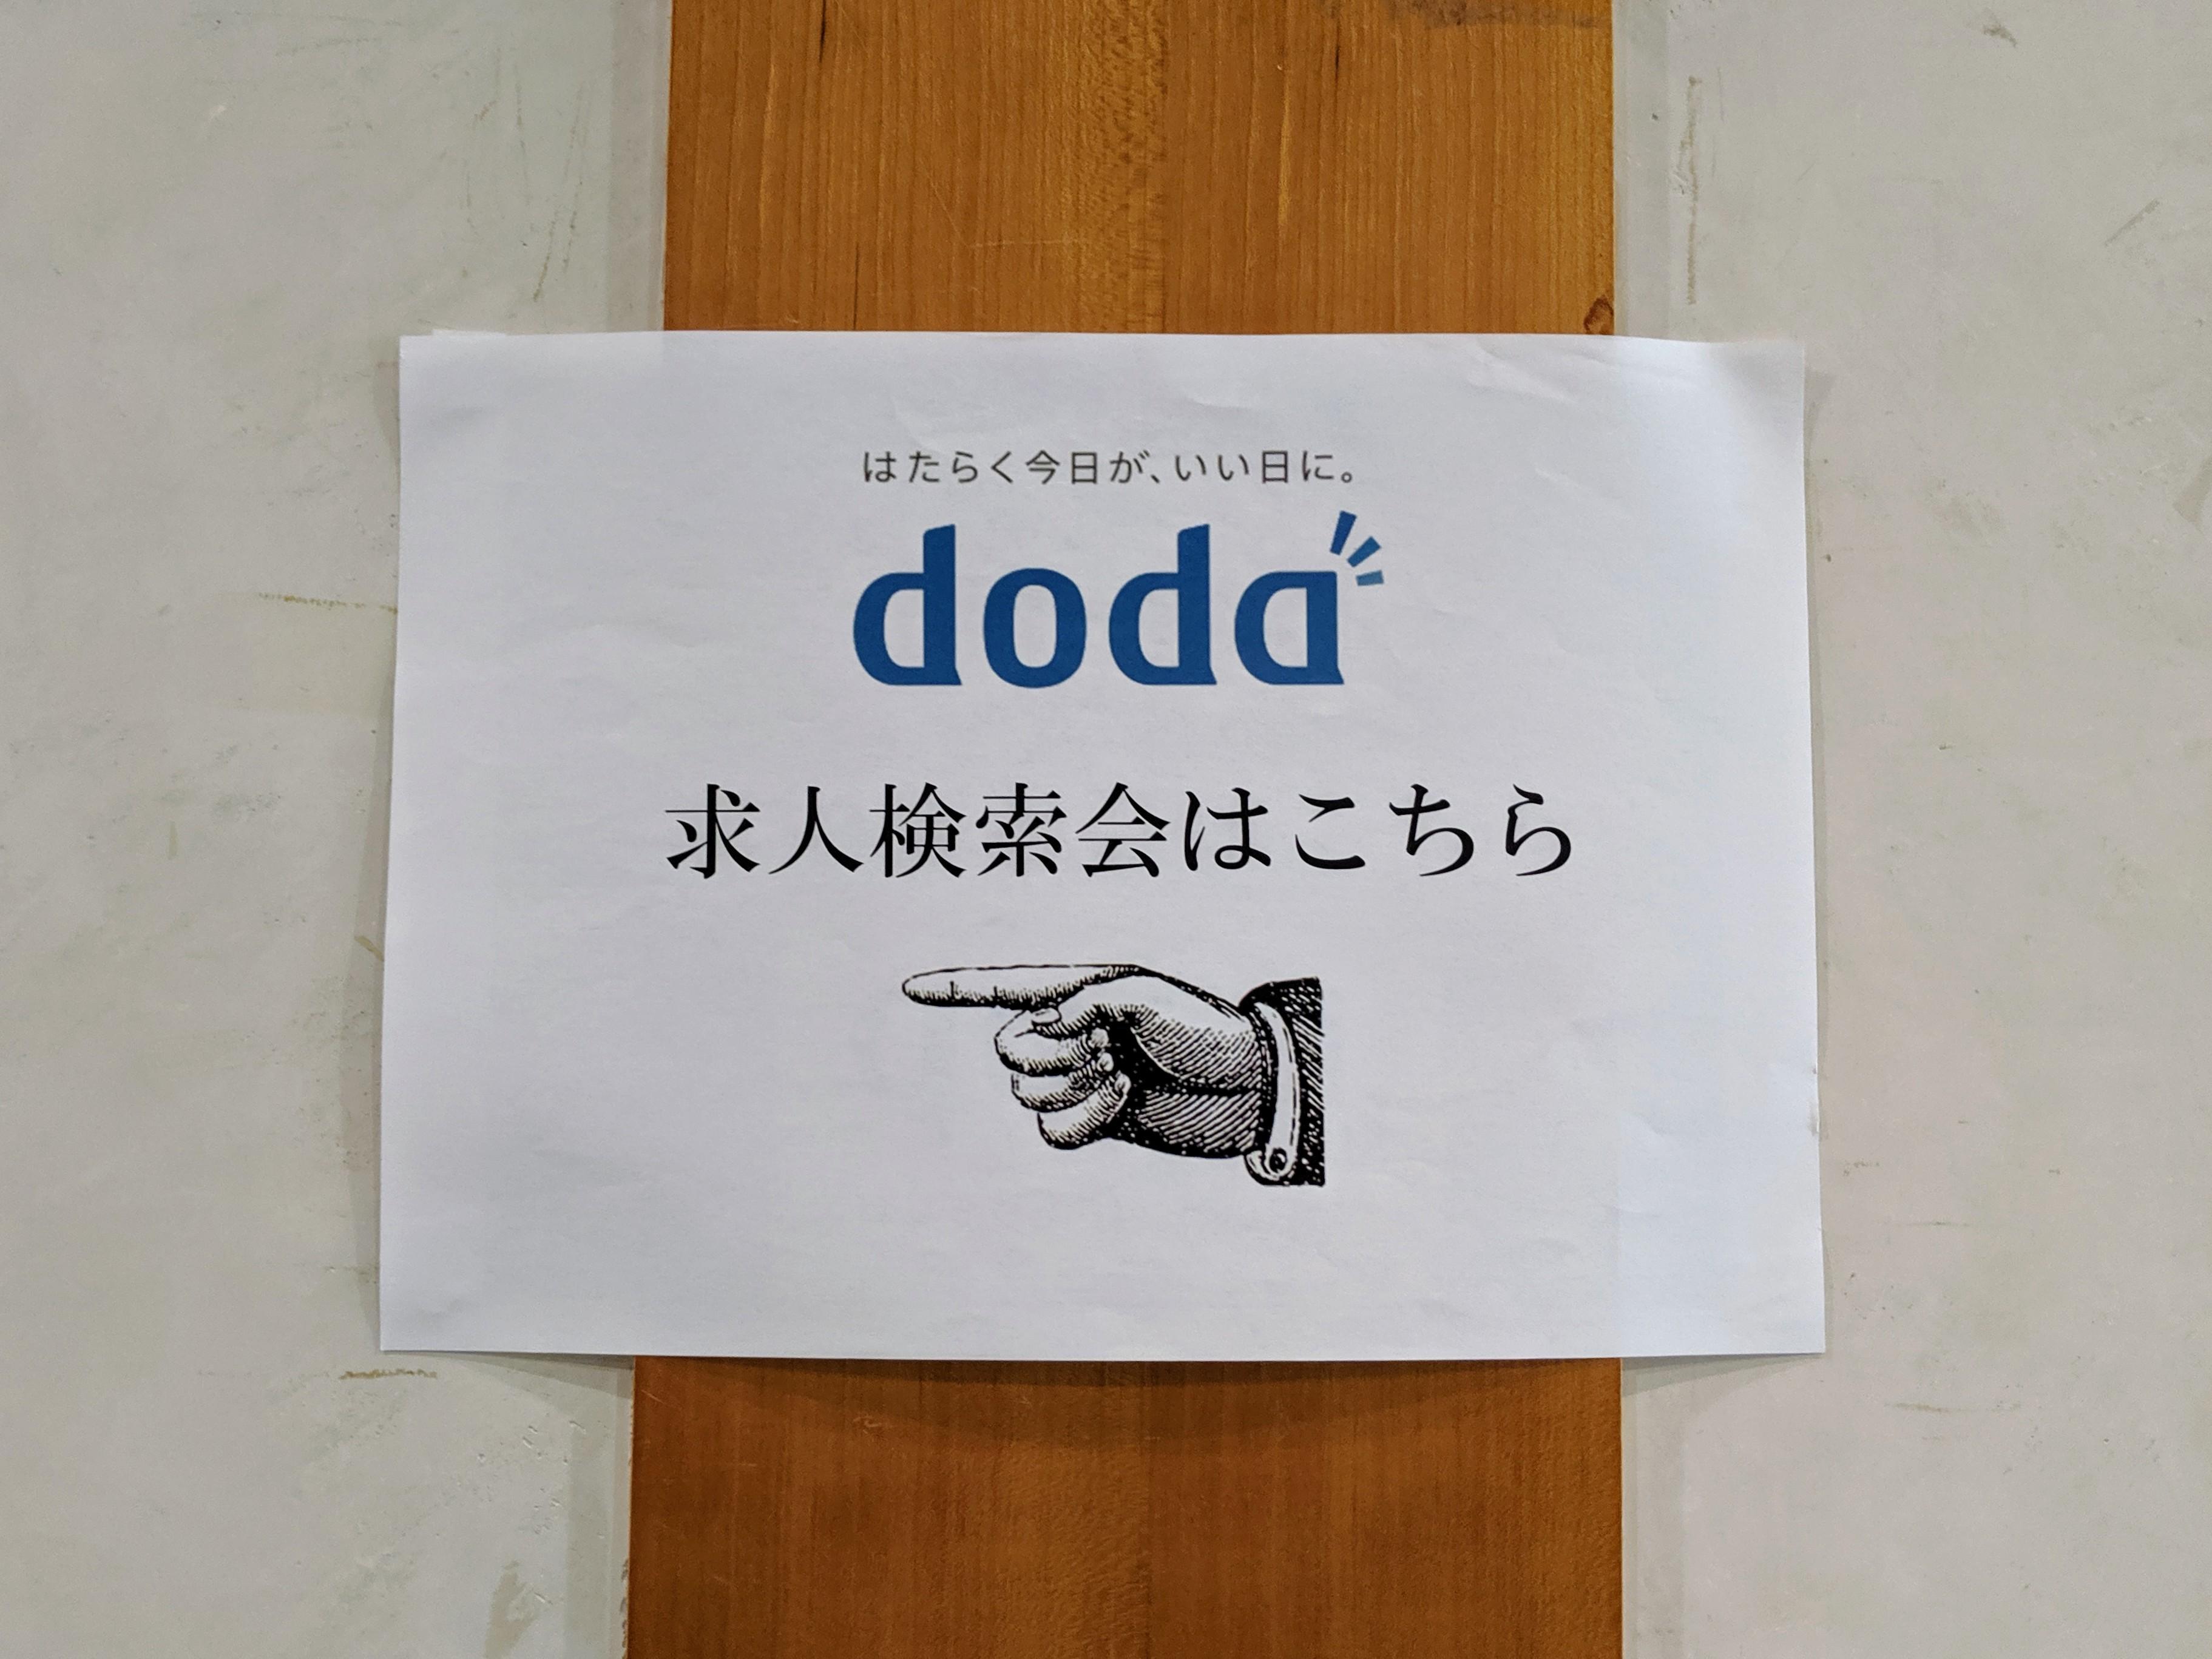 doda求人検索会の案内板